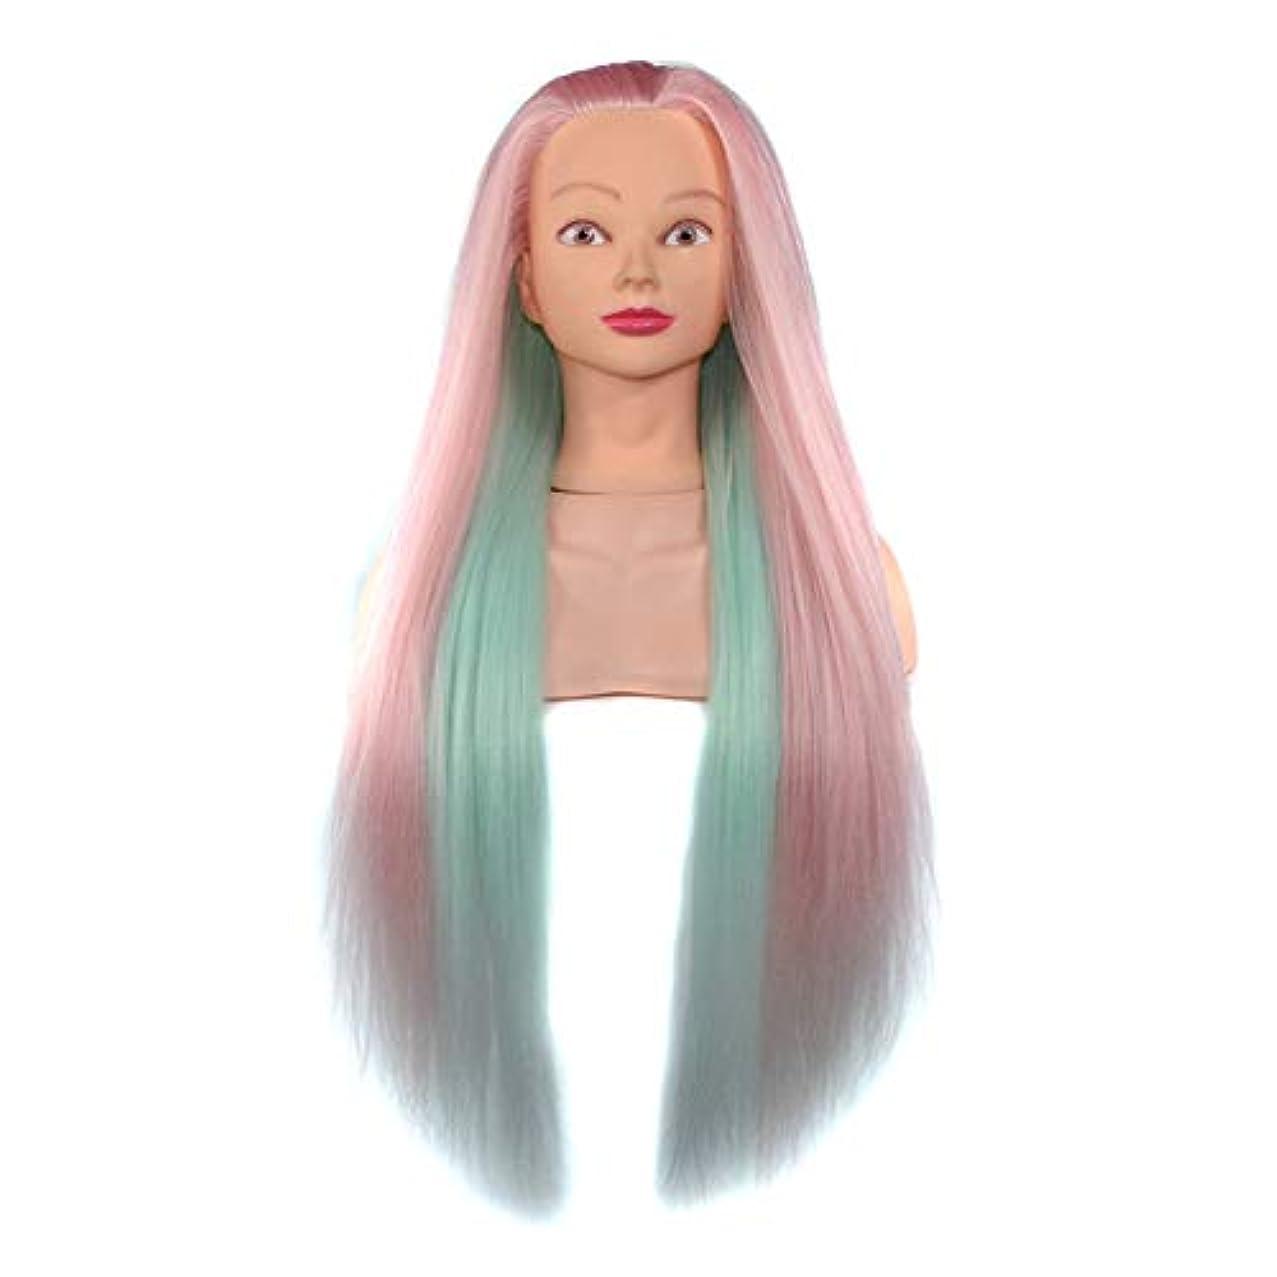 最小脅迫偶然のヘアスタイリング練習ディスクヘア学習ヘッドモデル美容院高温ワイヤートレーニングヘッドマネキン人形ヘッド